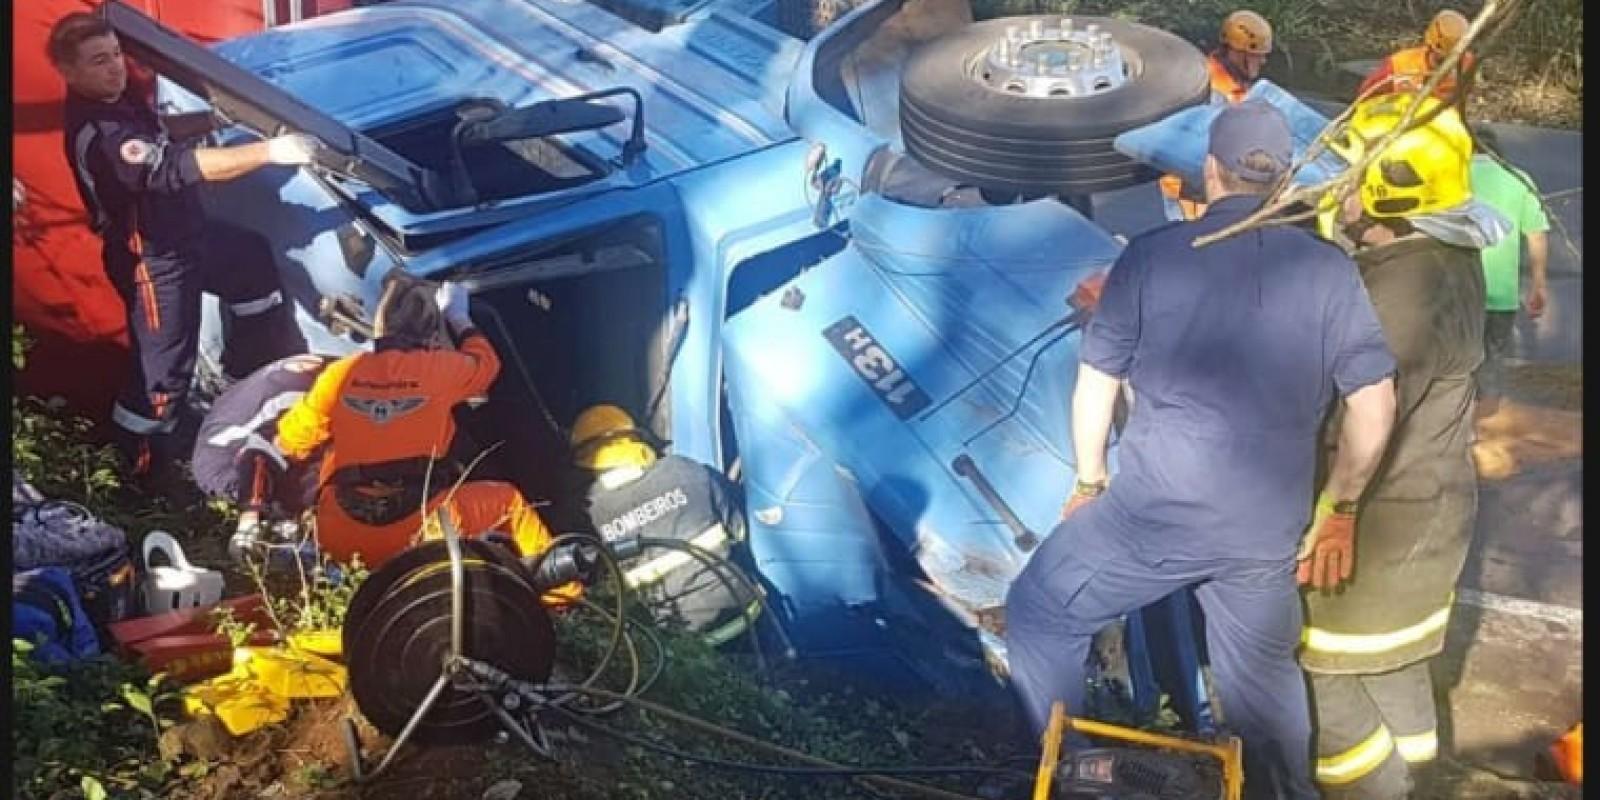 Vídeo: caminhoneiro de BN morre em acidente no Oeste